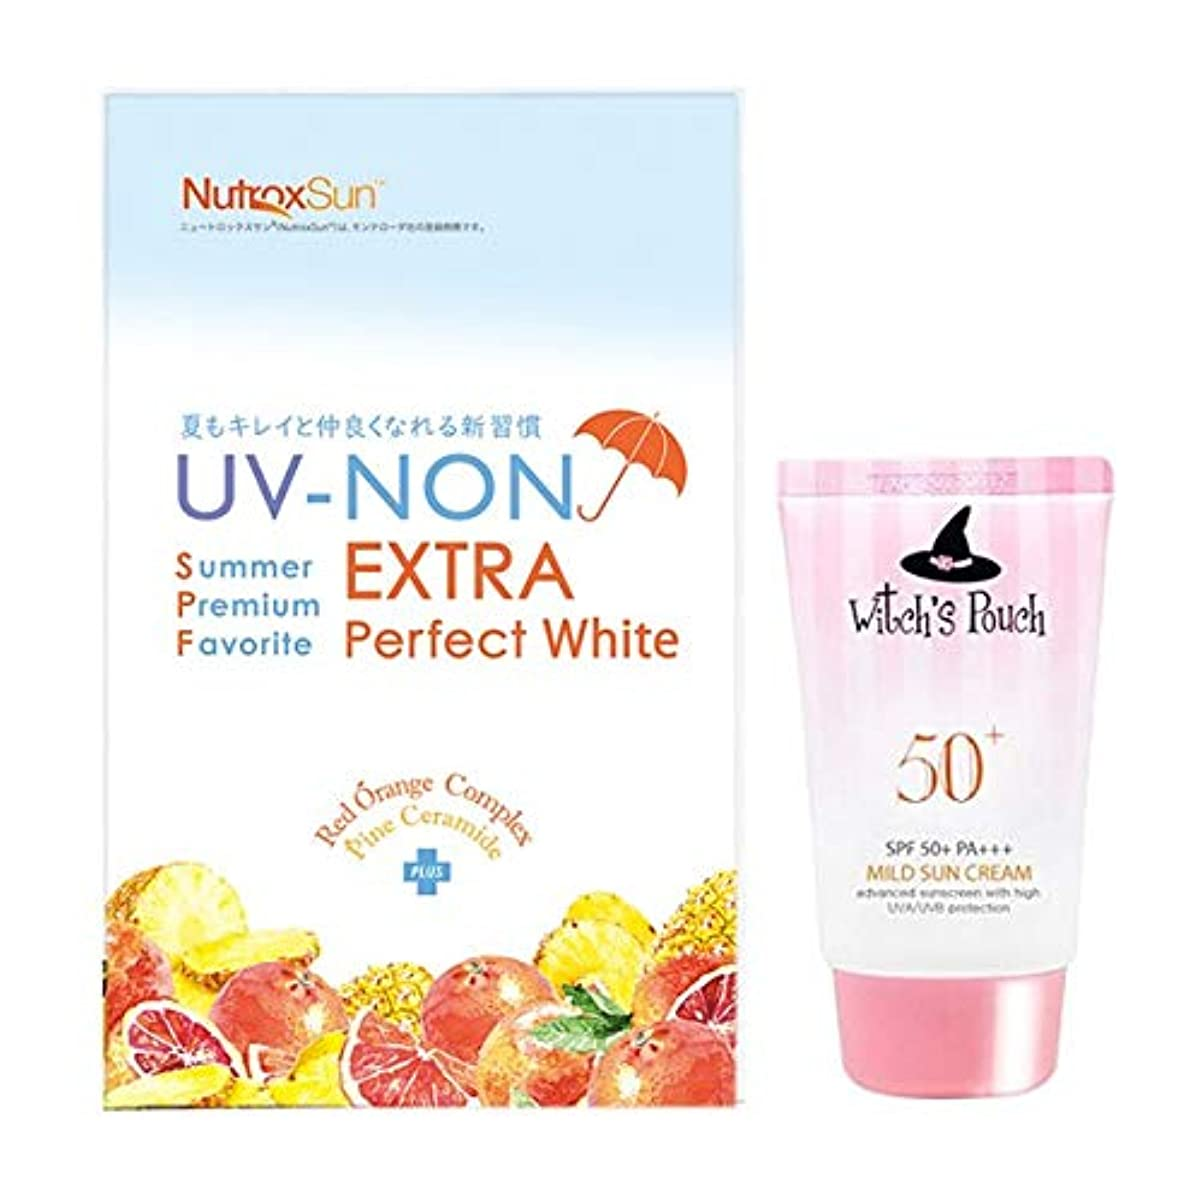 断言するリード特徴アエナ 紫外線ケアセット [サプリ+サンクリーム] UV-NONエクストラ パーフェクトホワイト (30日分 60粒) 飲む夏の美容対策 ウィッチズポーチ 日焼け止め SPF50 PA+++ 50ml